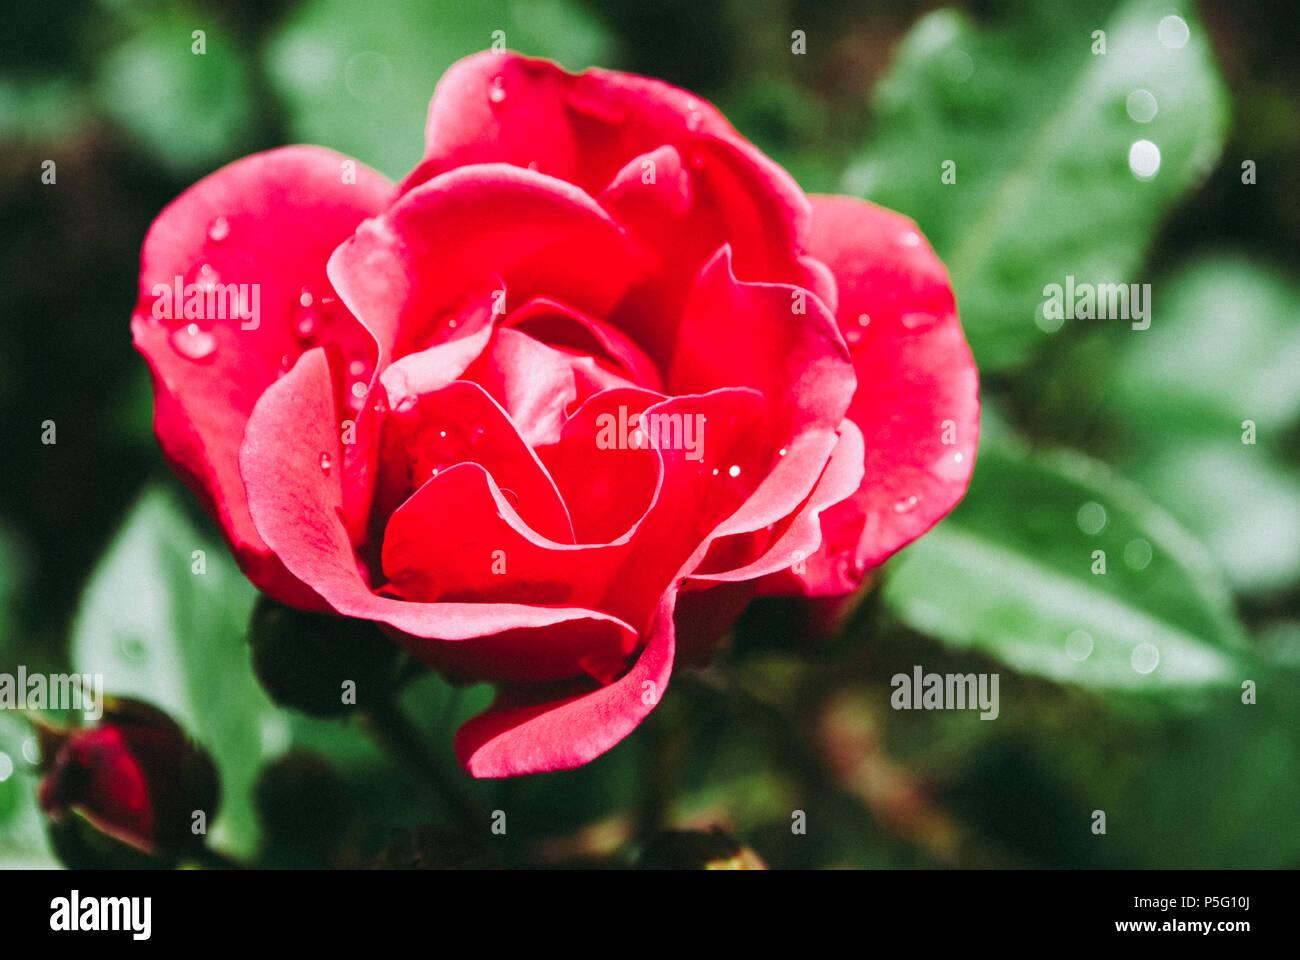 Jardin De Ville Rose Rouge Fleur Avec Gouttes D Eau Sur Fond D Herbe